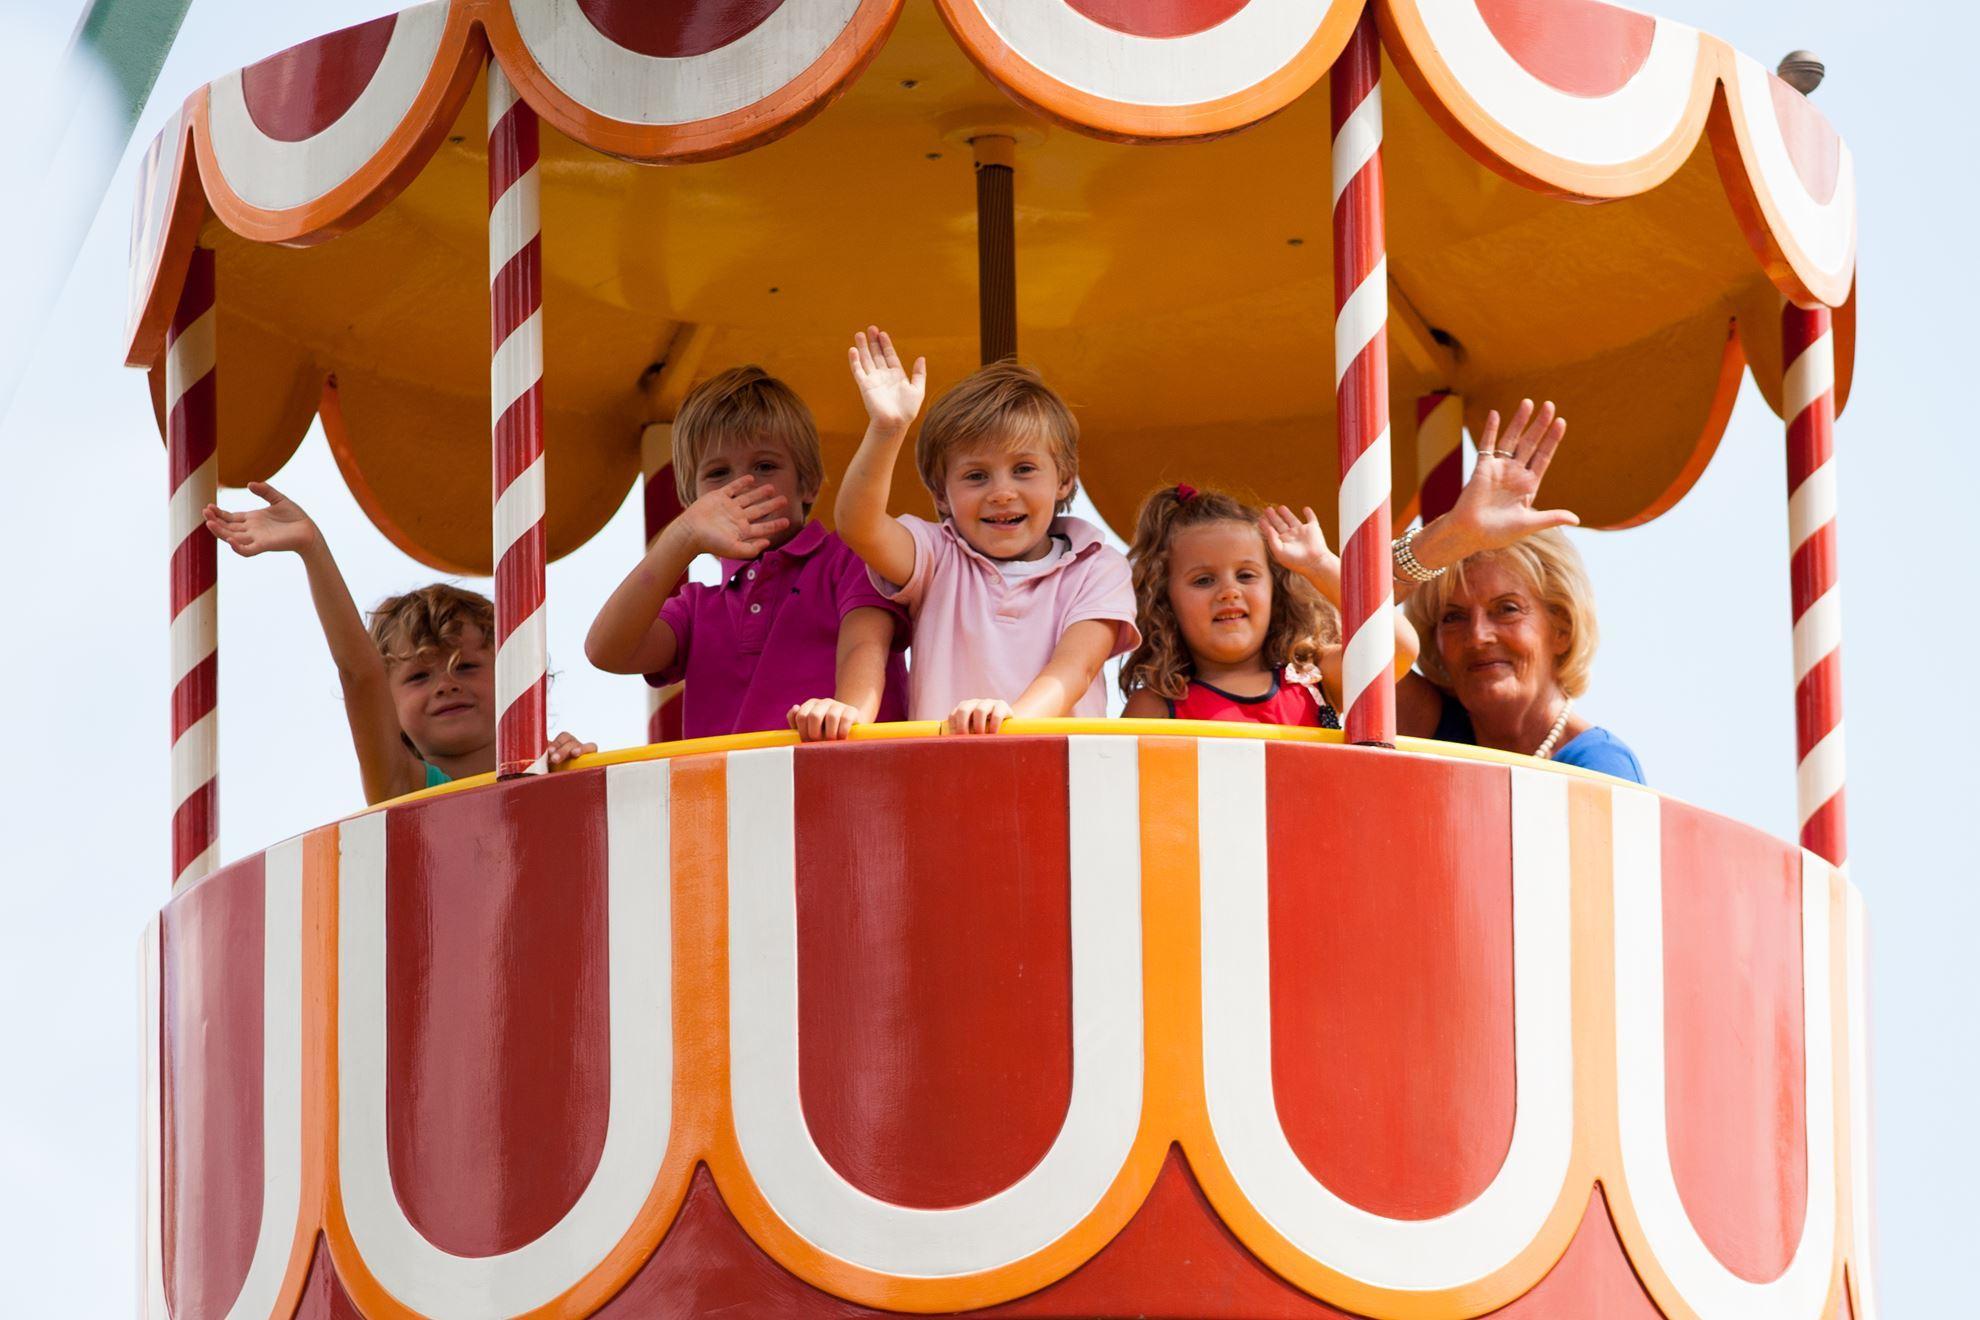 Afbeelding van Kinderpretpark Julianatoren